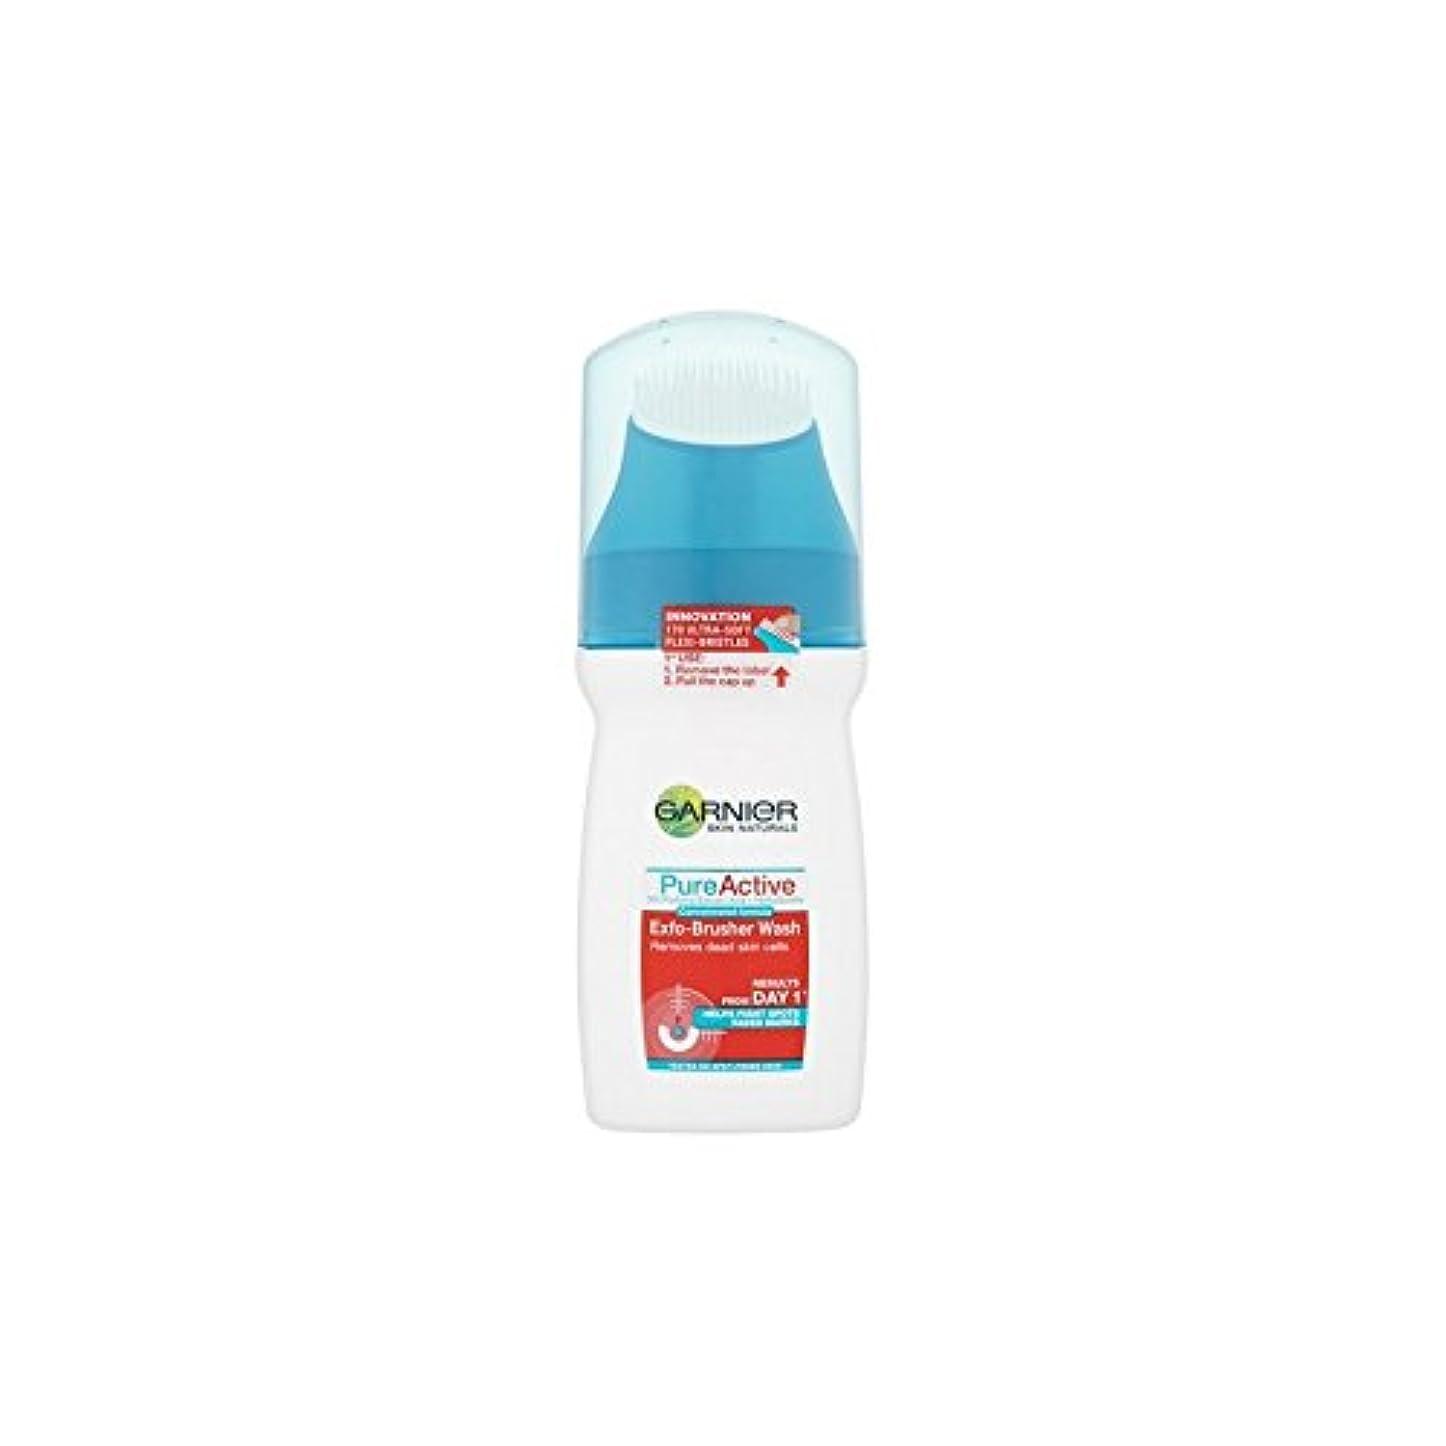 覆す一方、リルGarnier Pure Active Exfo-Brusher Face Wash (150ml) (Pack of 6) - ガルニエ純粋な活性-ブラッシャーの洗顔(150ミリリットル) x6 [並行輸入品]